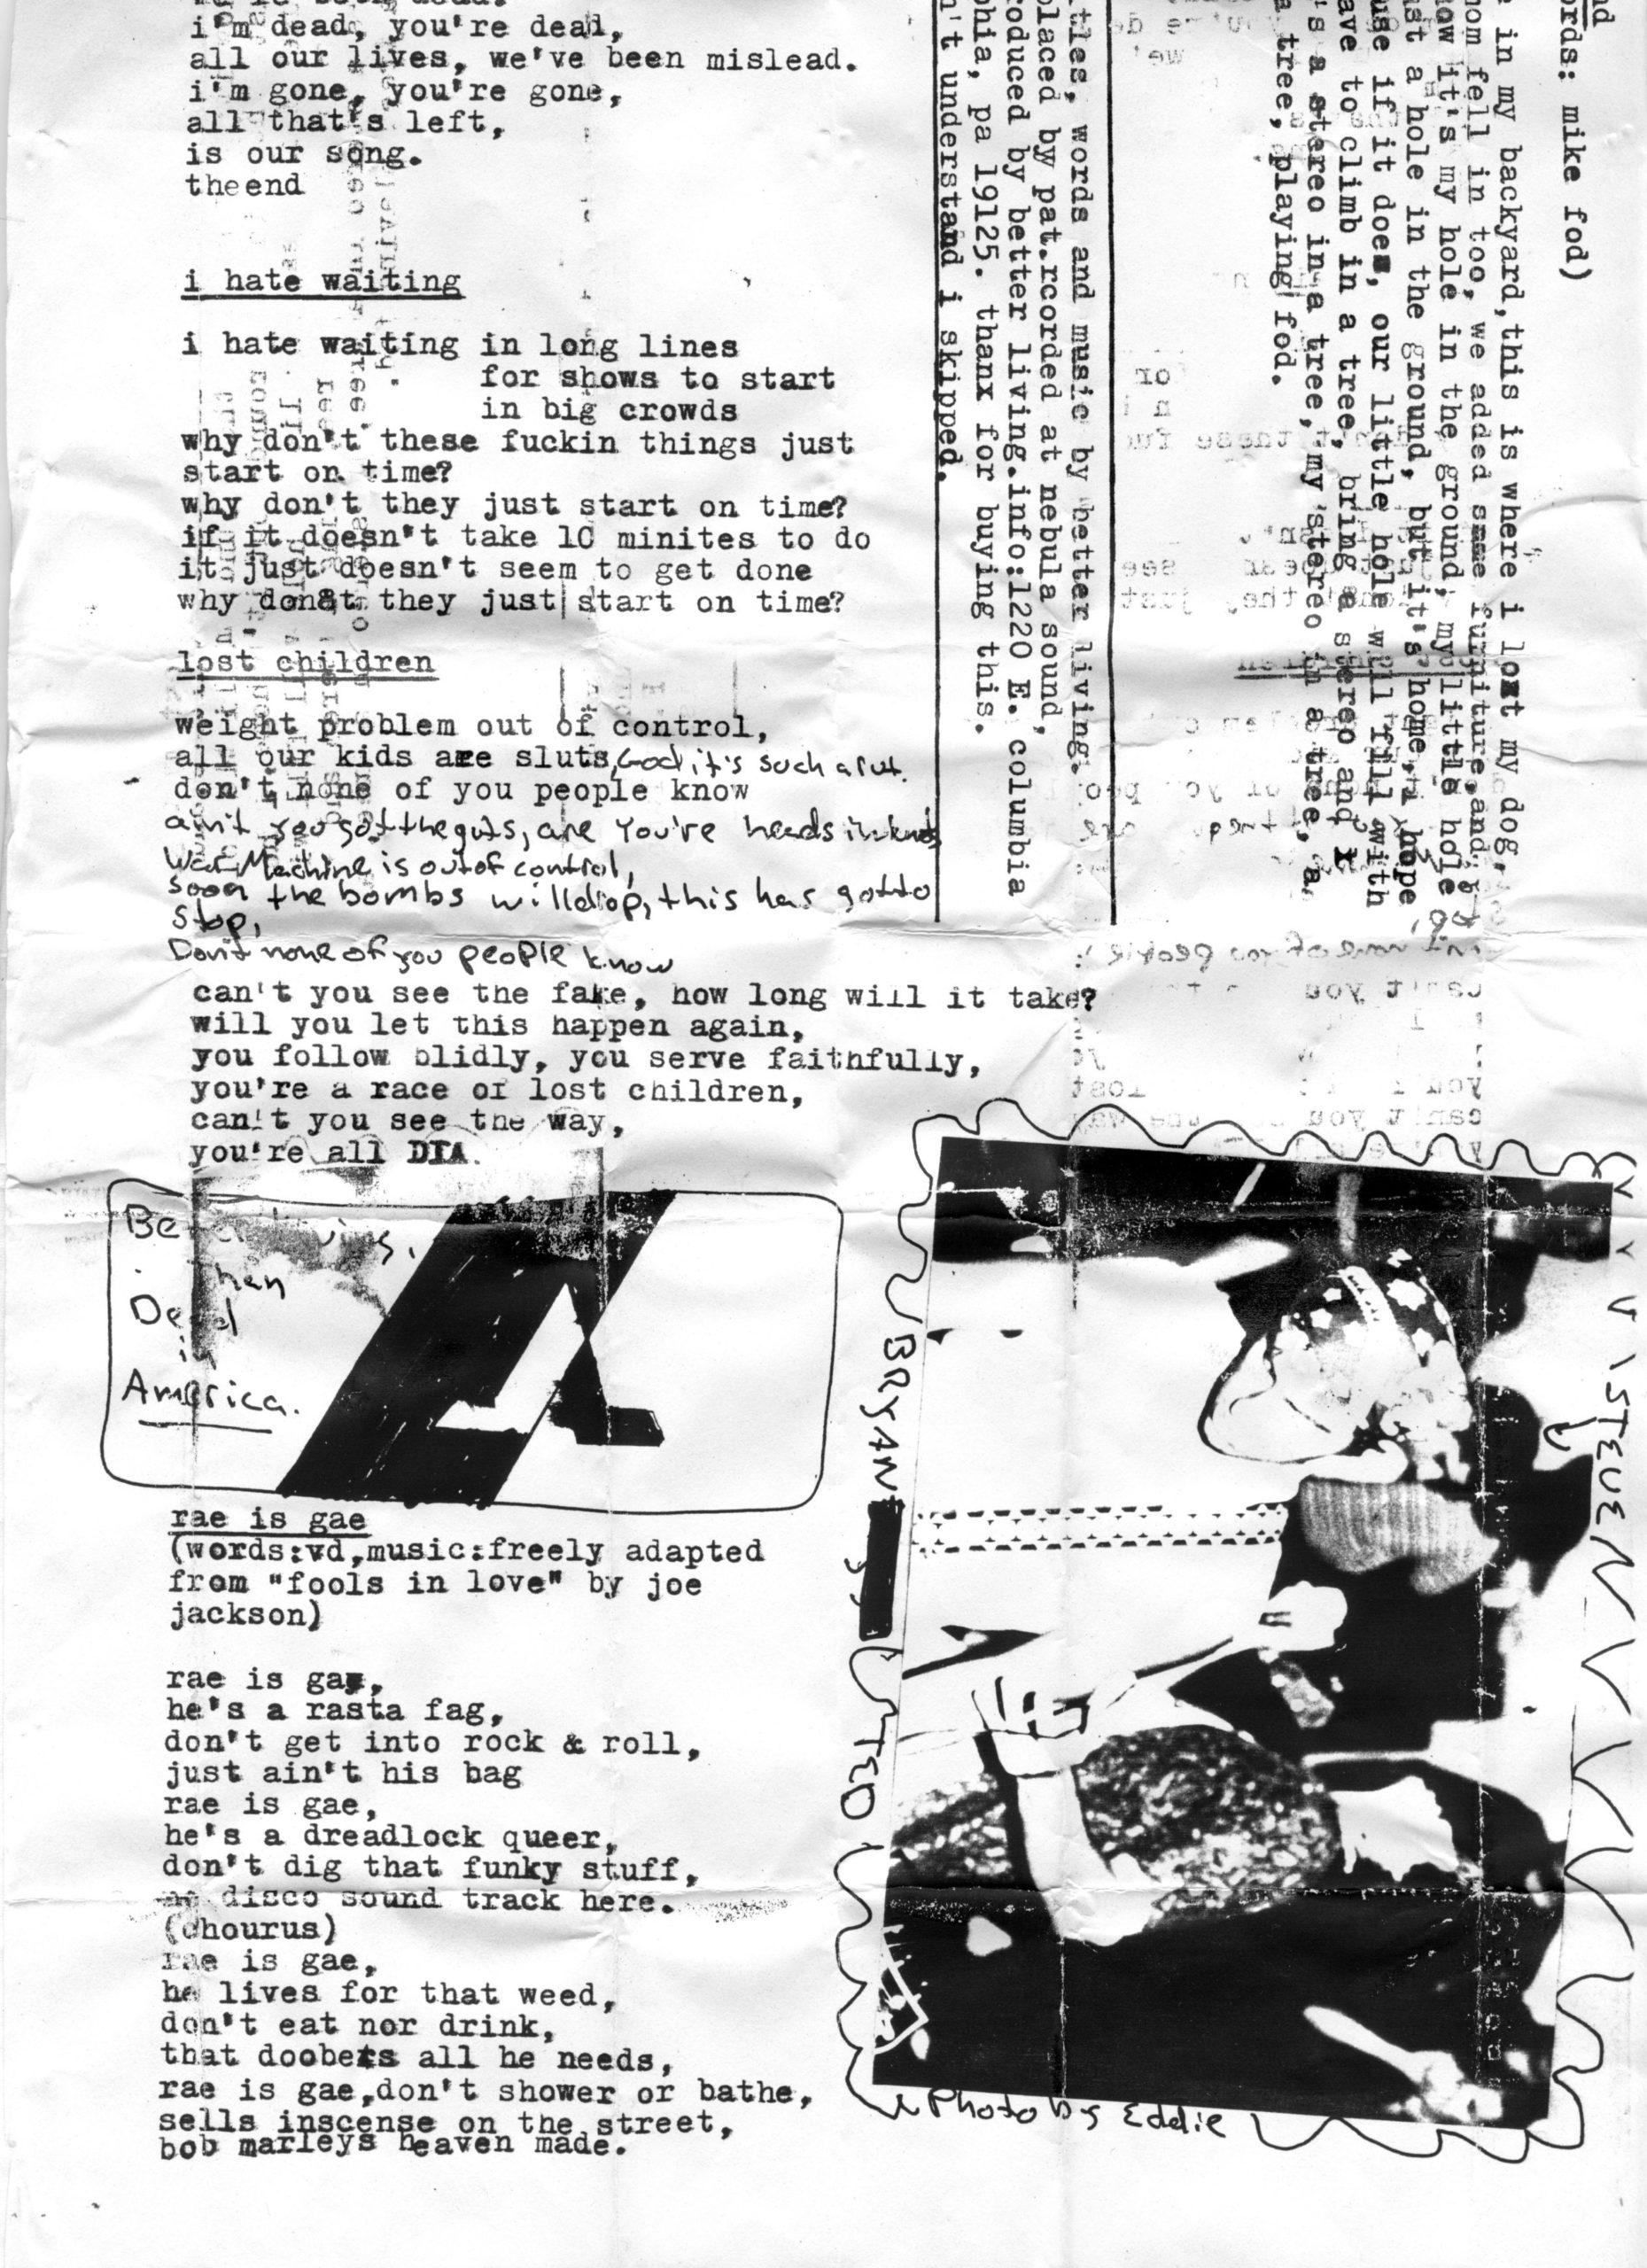 lyric sheet 2